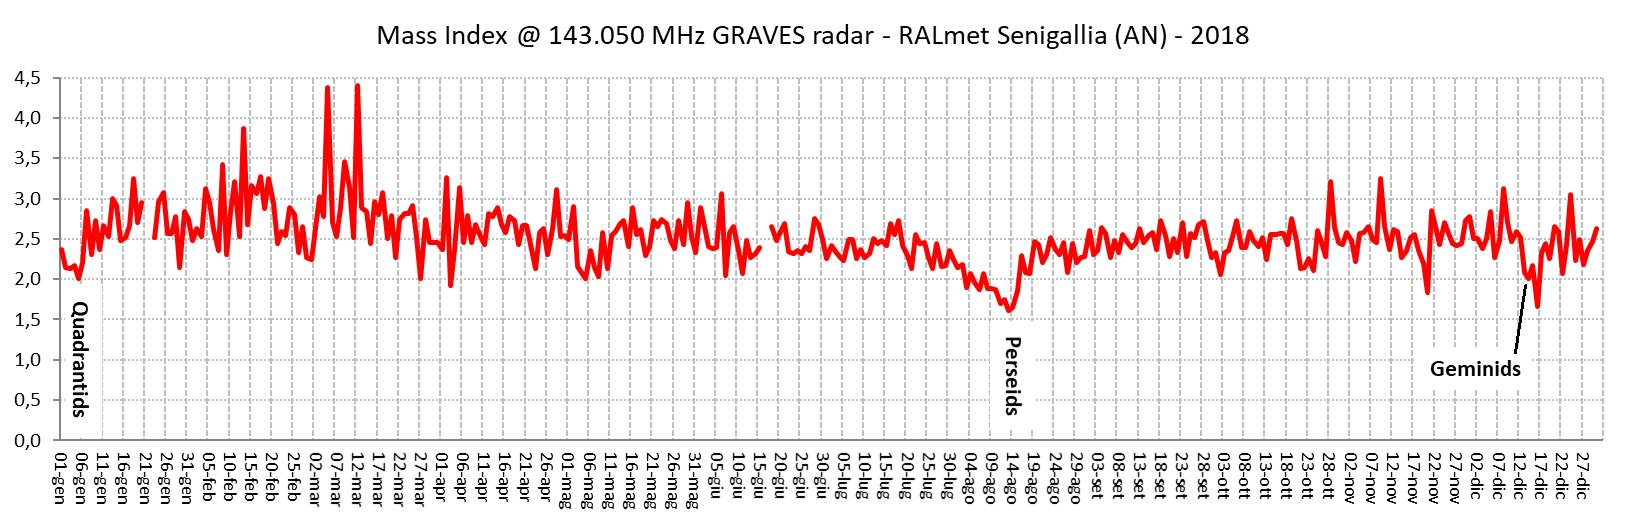 Andamento giornaliero dell'indice di massa nei anni 2018 e 2019. La profondità dei minimi evidenziati segnala la presenza di oggetti massicci associati ai principali sciami meteorici, la loro larghezza è un'indicazione della durata dello sciame.